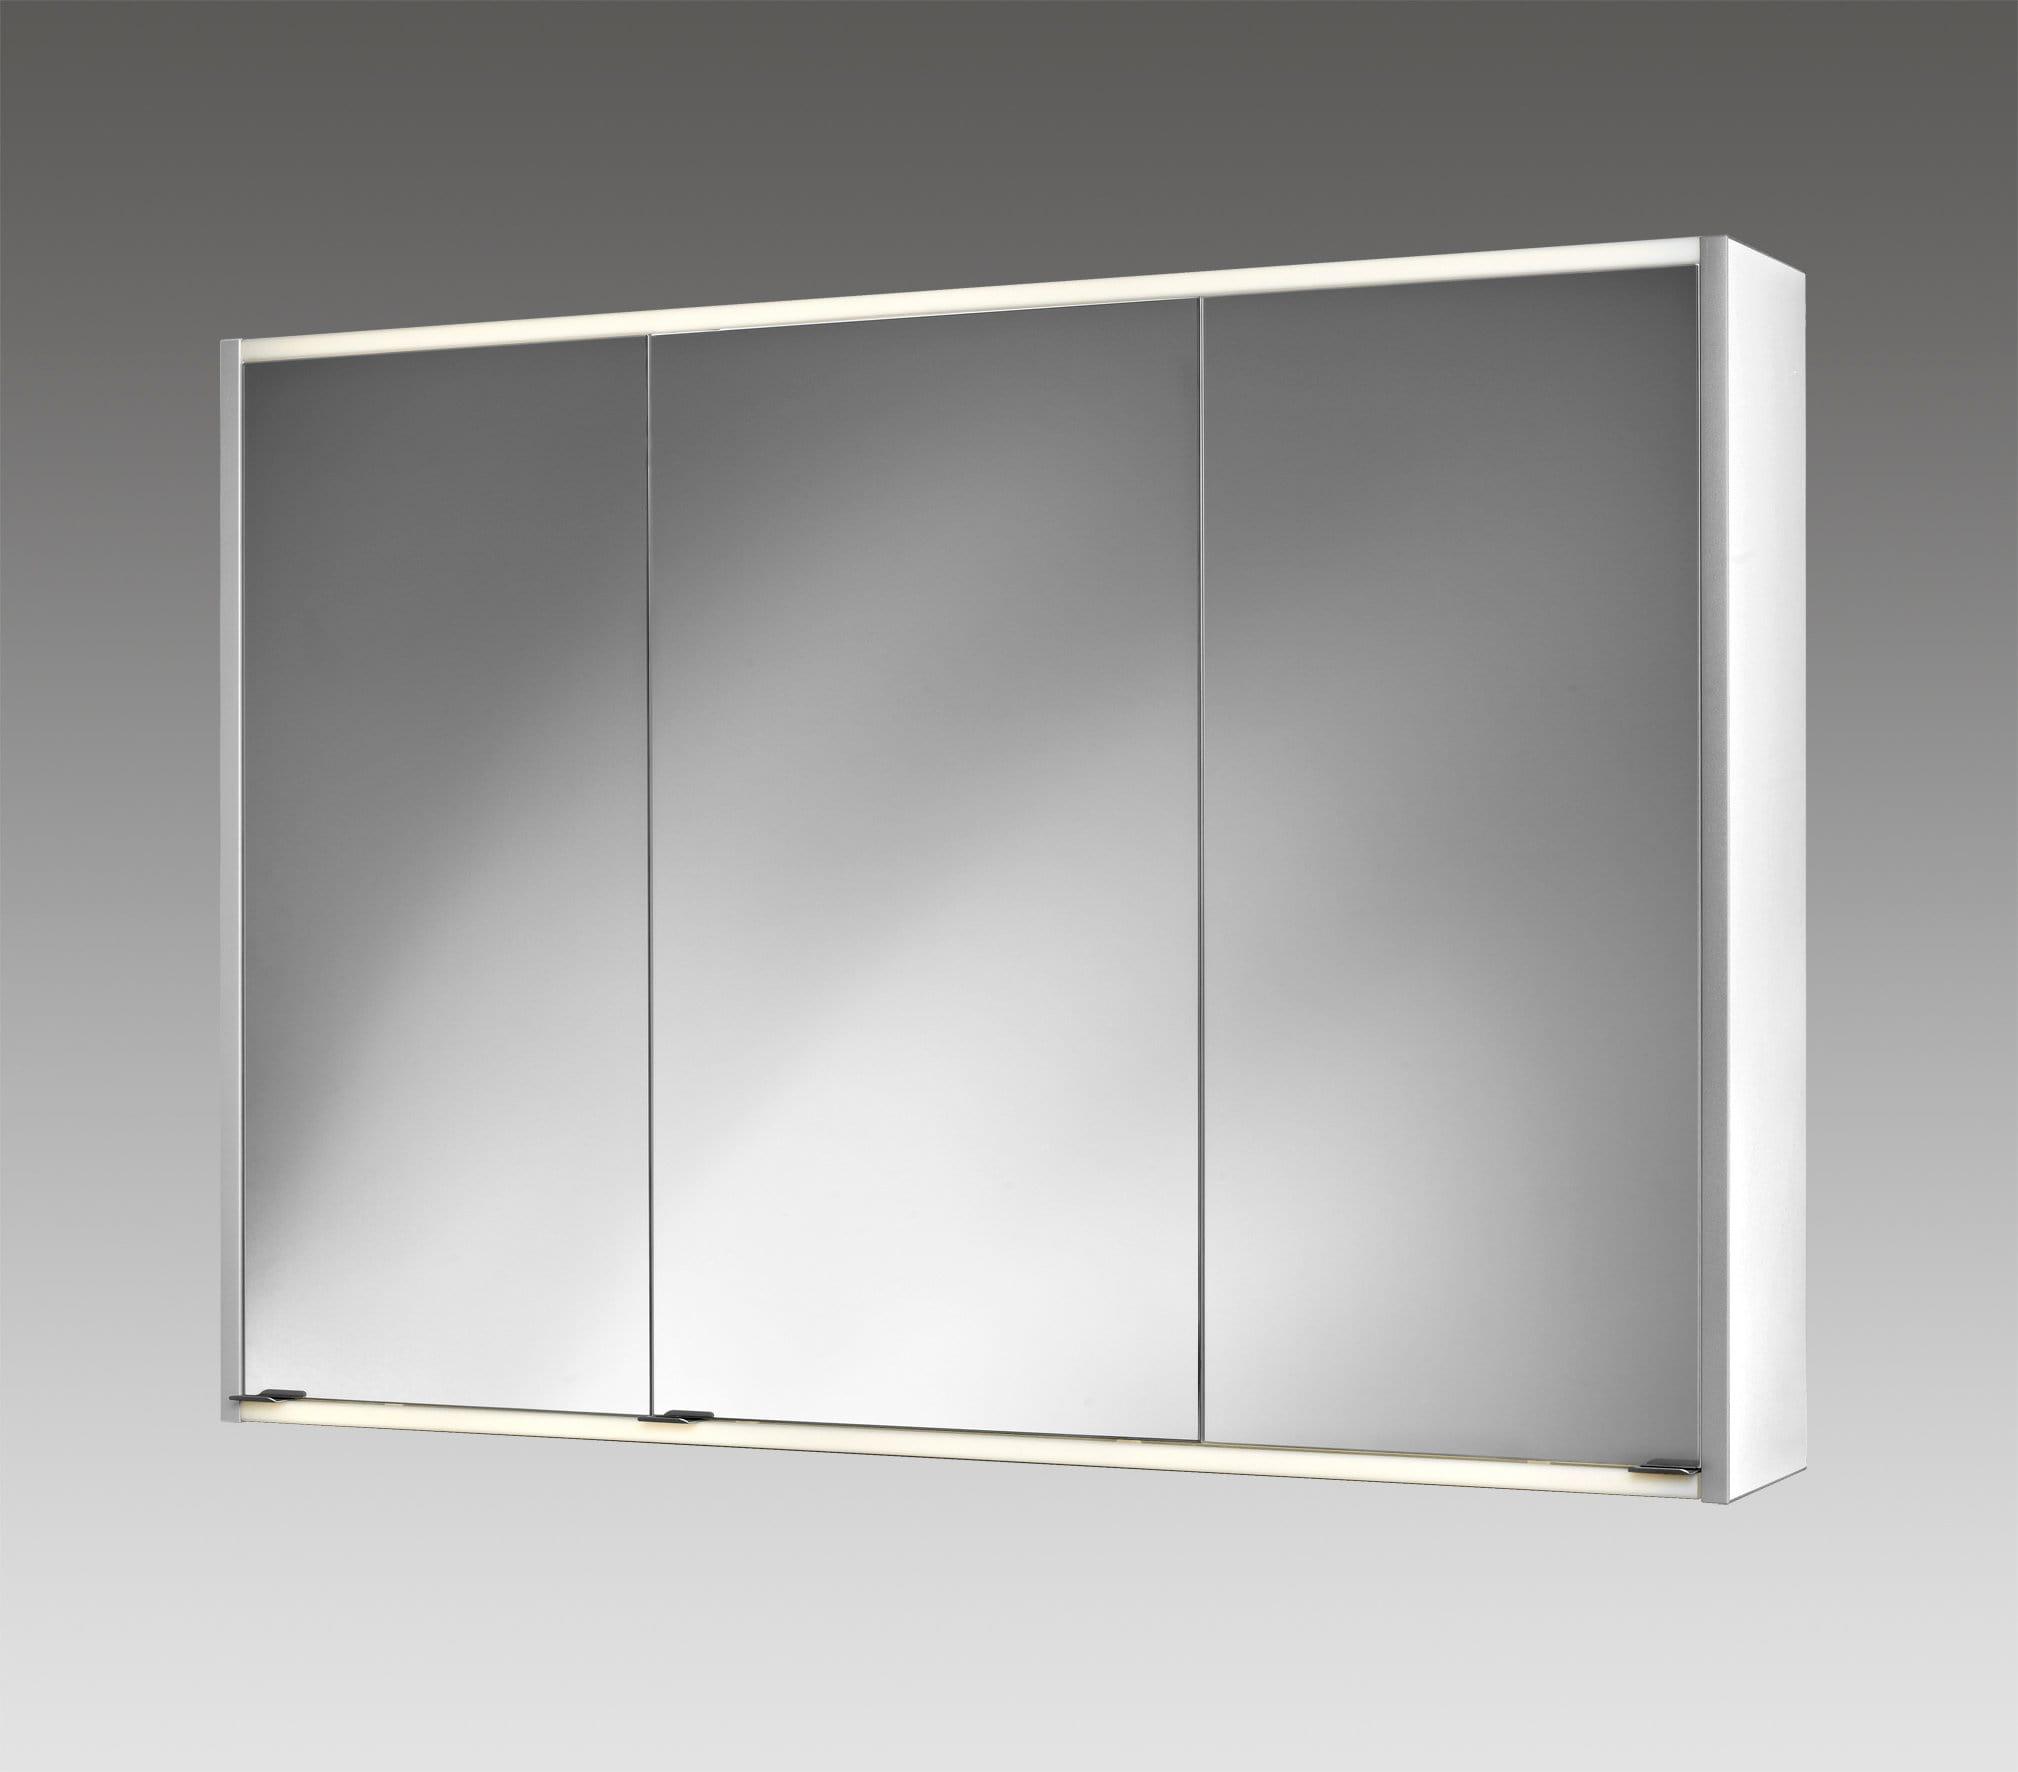 Amüsant Spiegelschrank Ohne Beleuchtung Dekoration Von 359.–